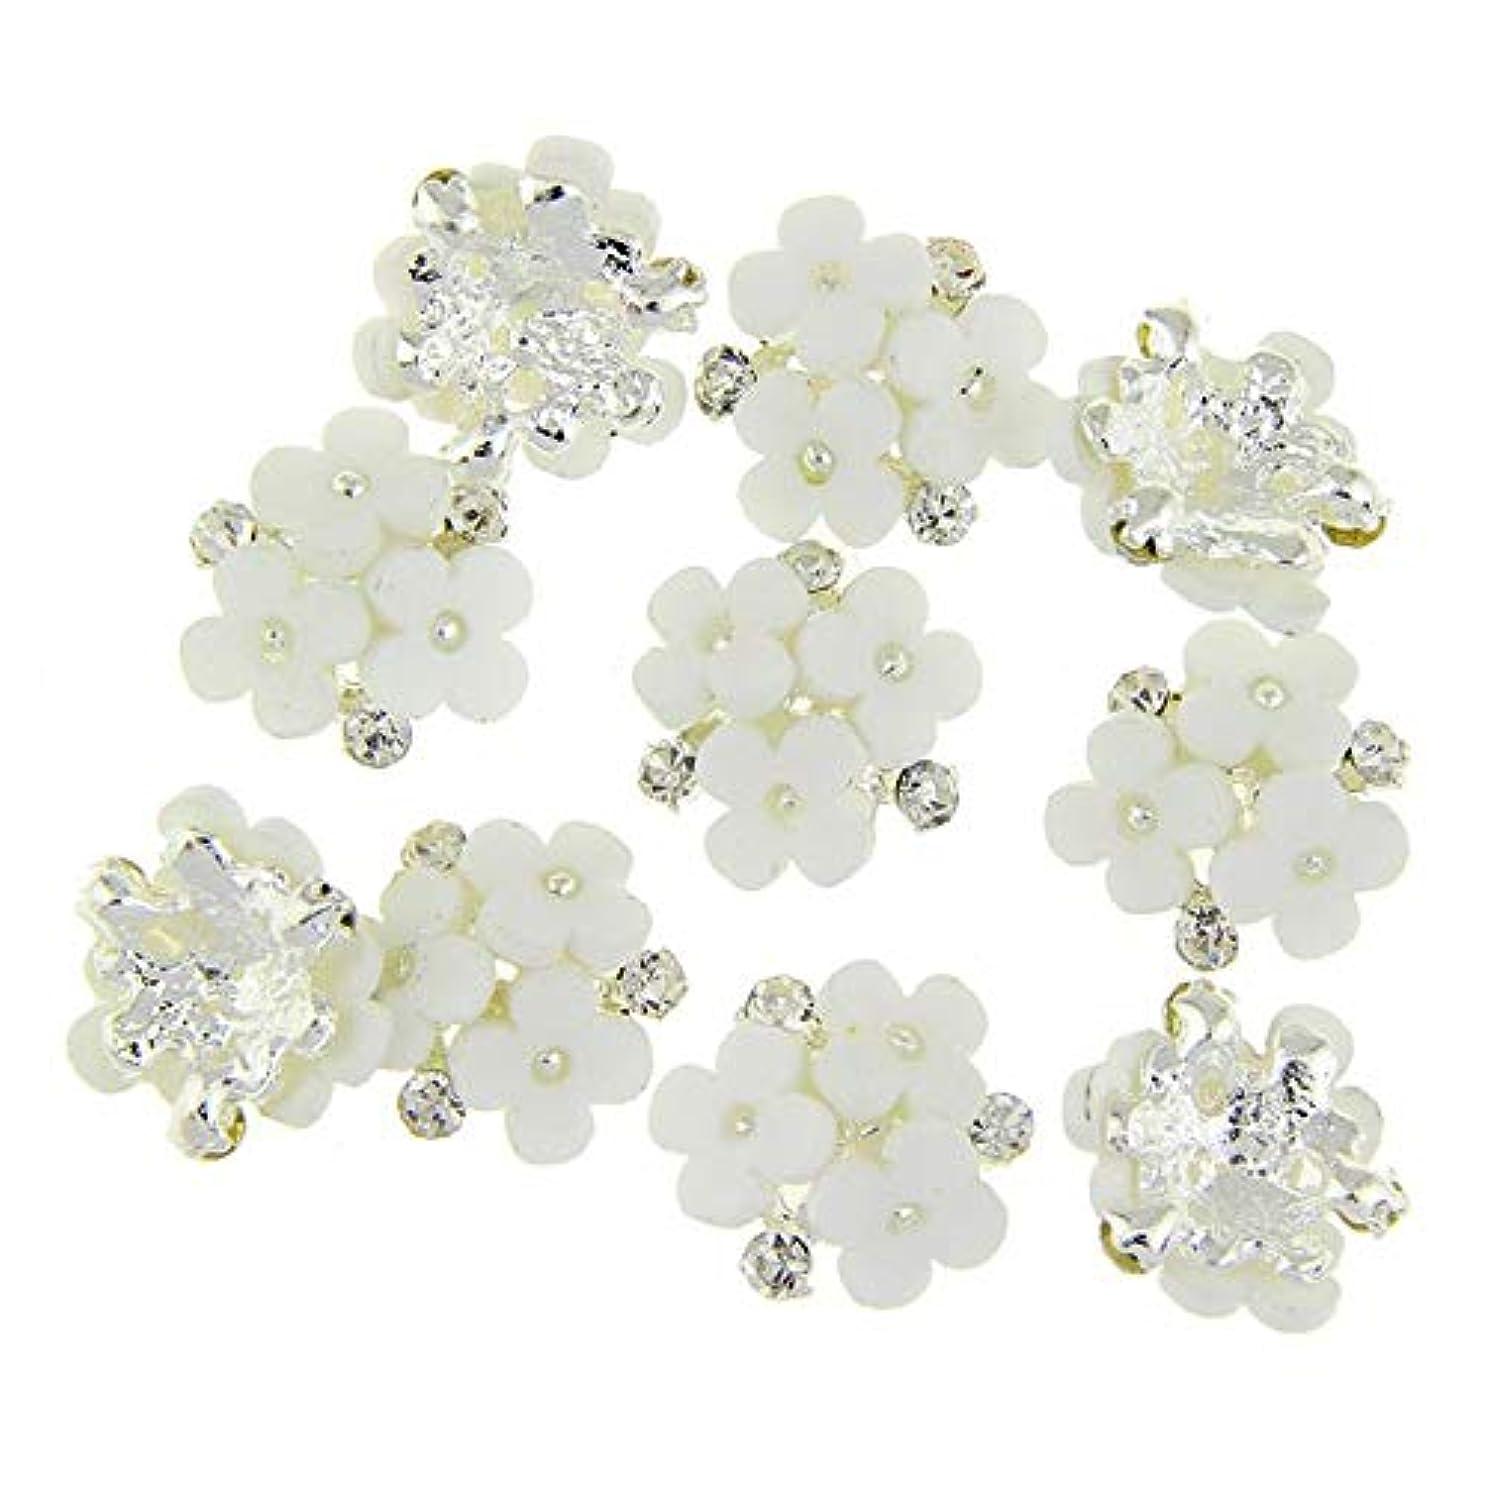 安西引き算成人期ネイルズ3D花銀合金チャーム用10個/ロット三花柄ラインストーンは、アートの装飾ネイル